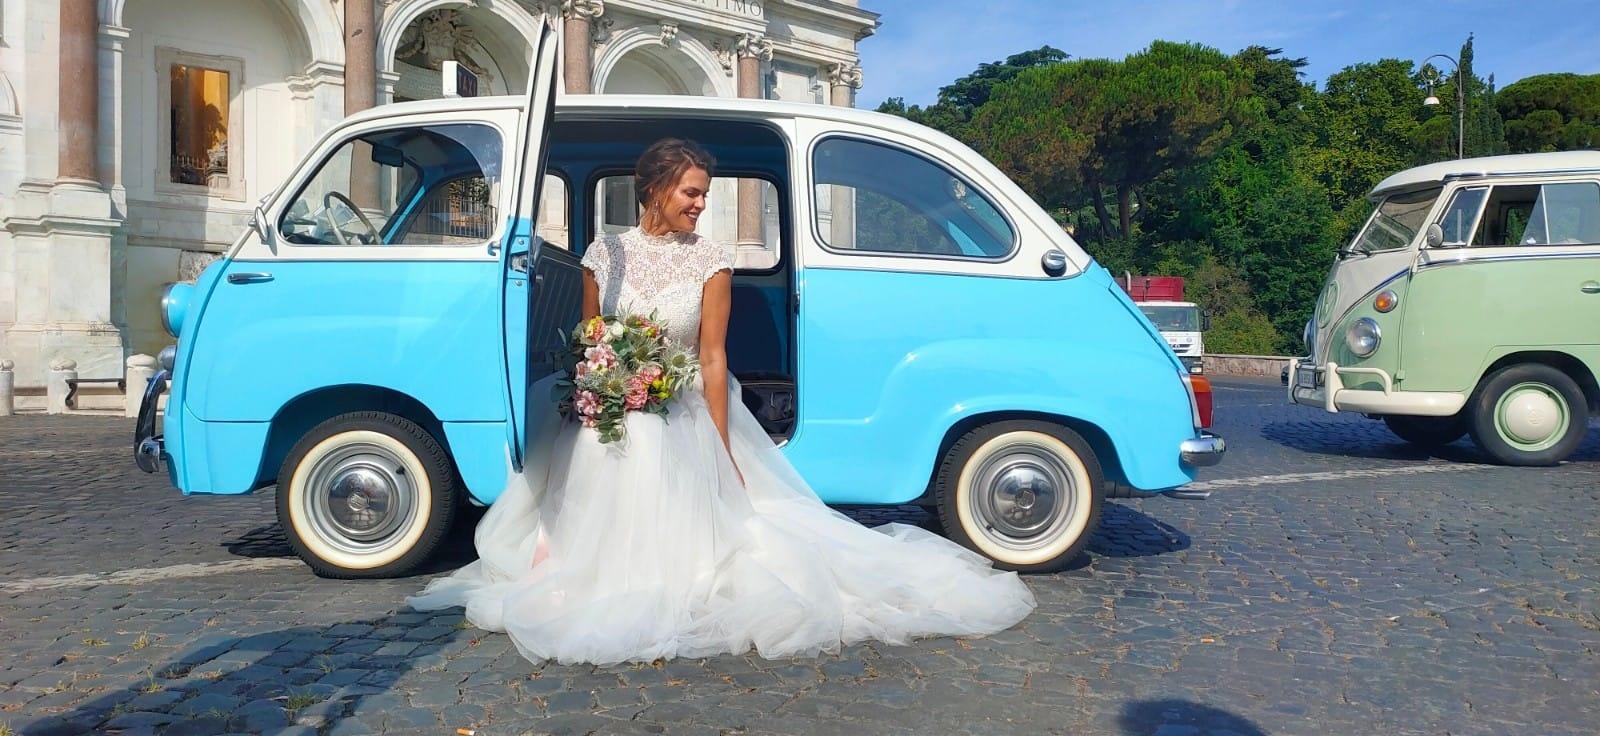 Fiat 600 Multipla top Vintage - noleggio auto d'epoca matrimoni - auto d'epoca matrimoni - auto per matrimonio - auto d'epoca per matrimonio - auto d'epoca roma - Noleggio Auto matrimoni - nozze auto - auto matrimonio Roma